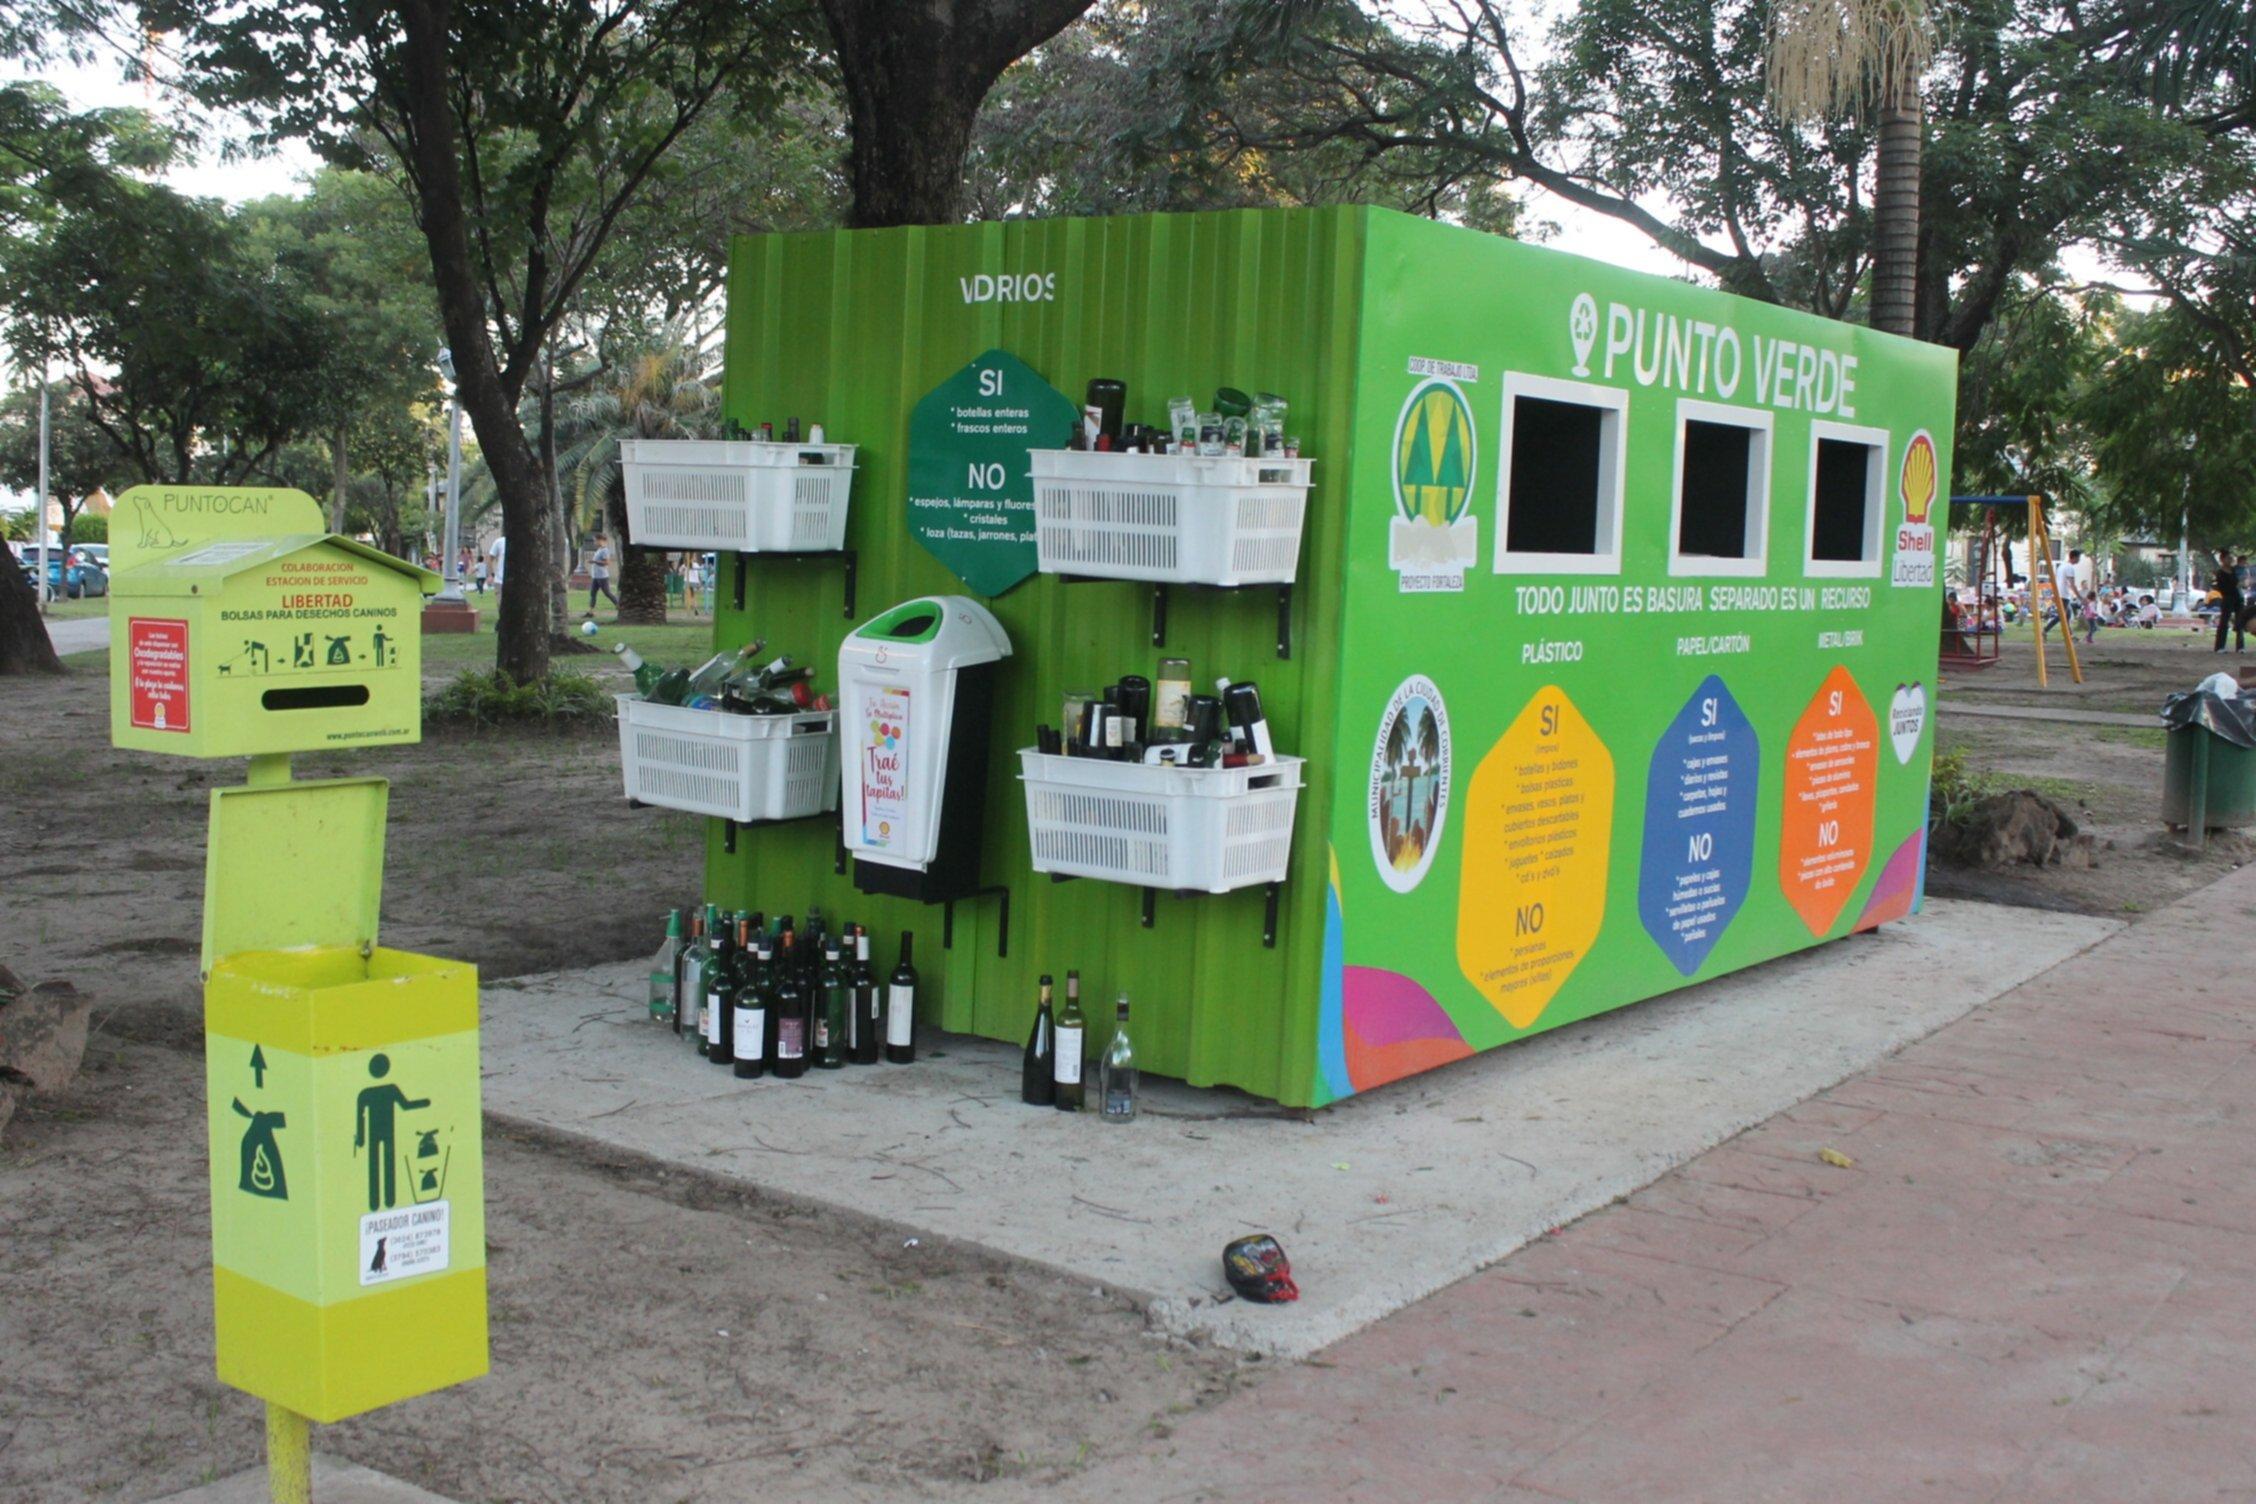 <p>Punto verde. Los vecinos colaboran depositando sus residuos.</p>